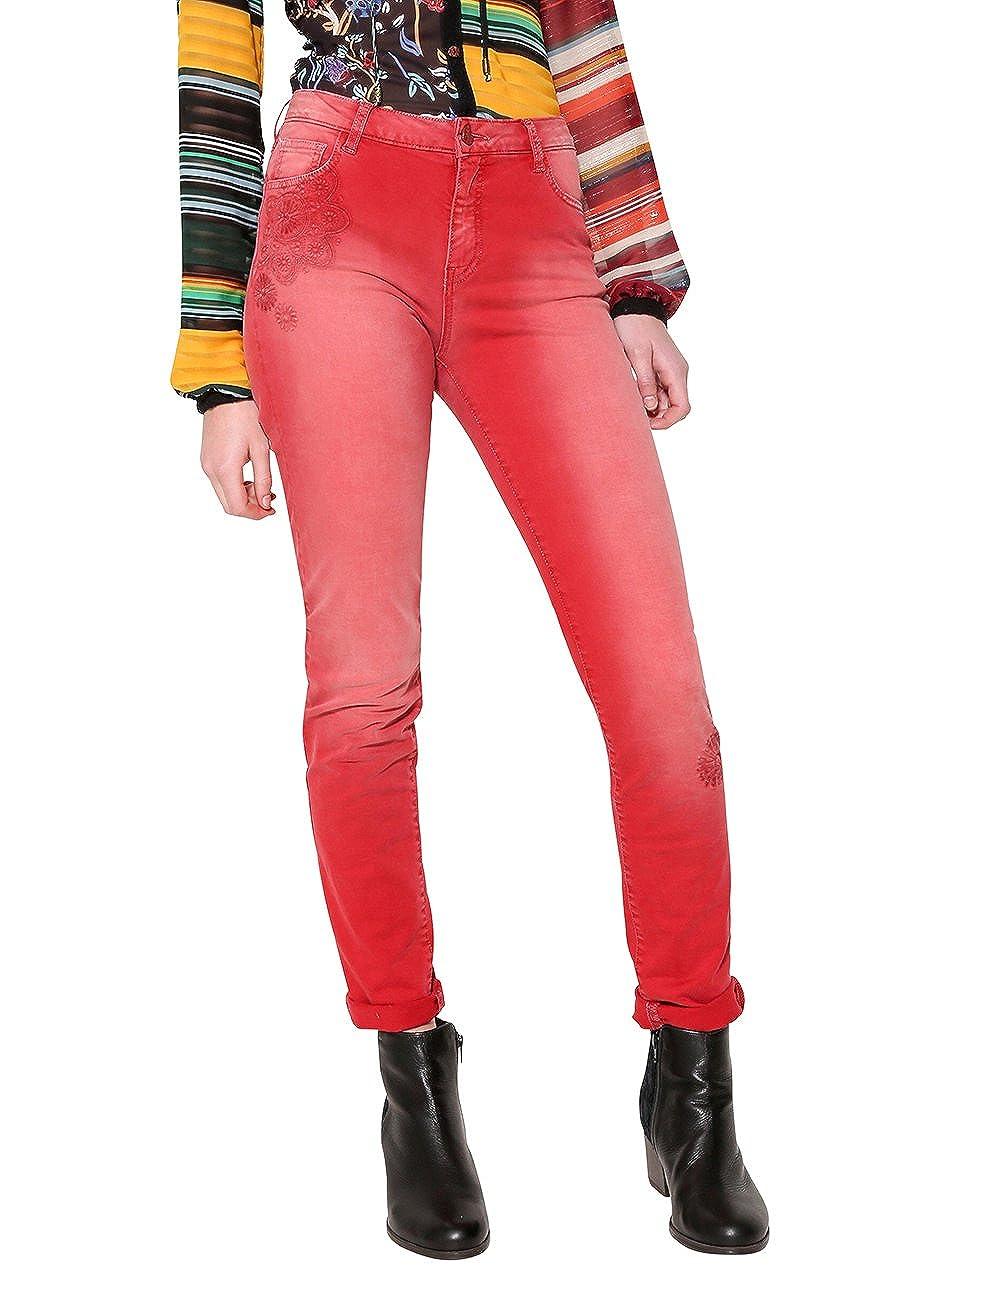 TALLA 36. Desigual Pant_angelinass, Pantalones para Mujer